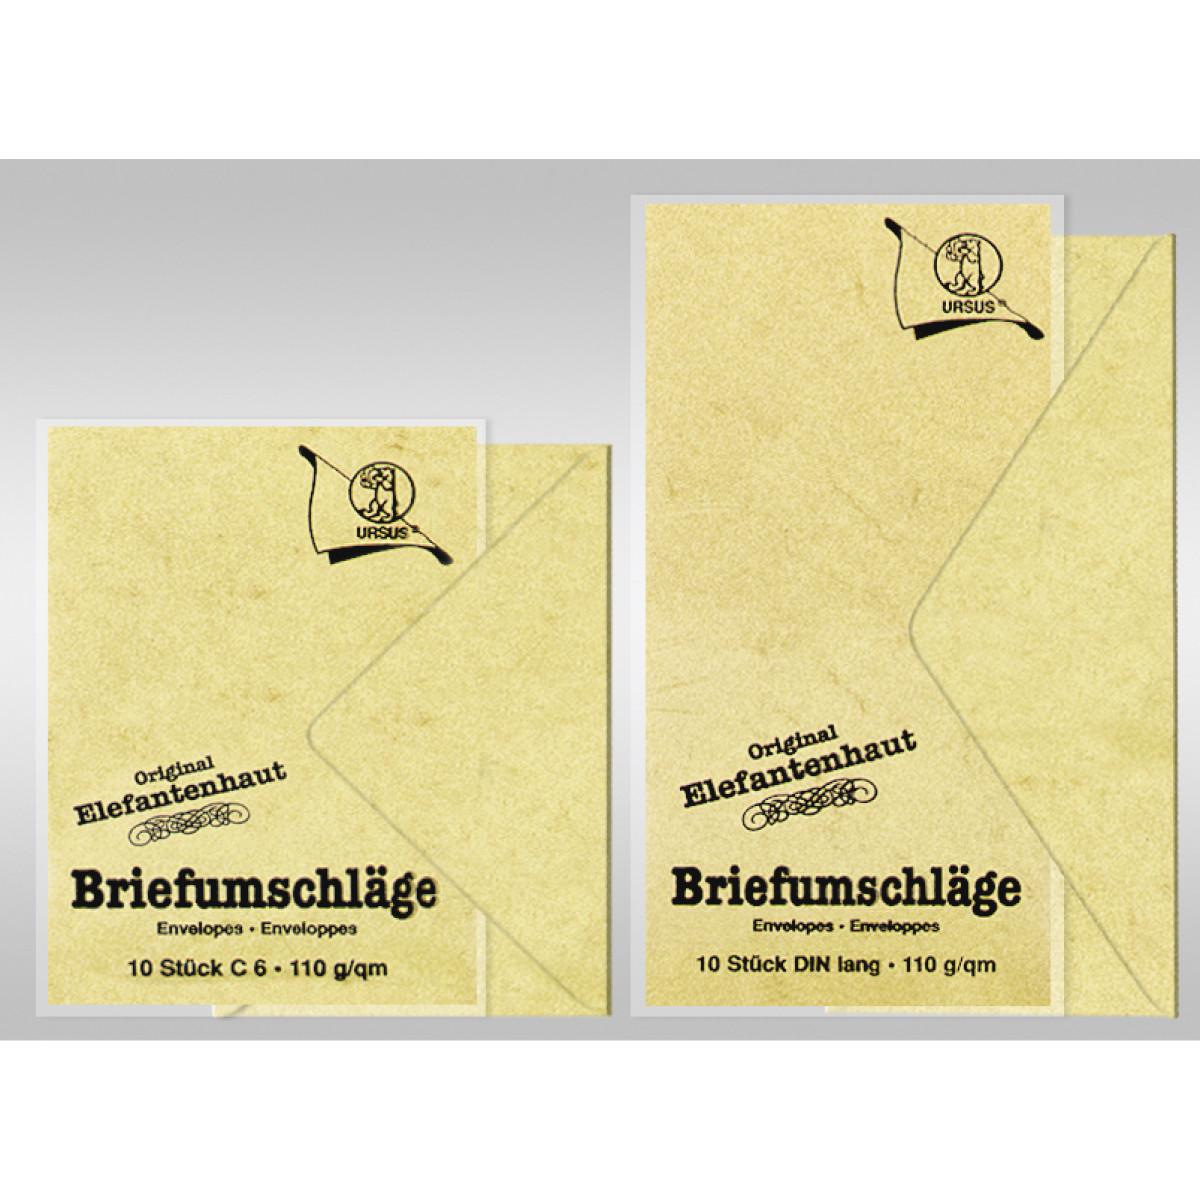 FARBWAHL URSUS Briefkarten farbig einfach DIN lang 10 Stück